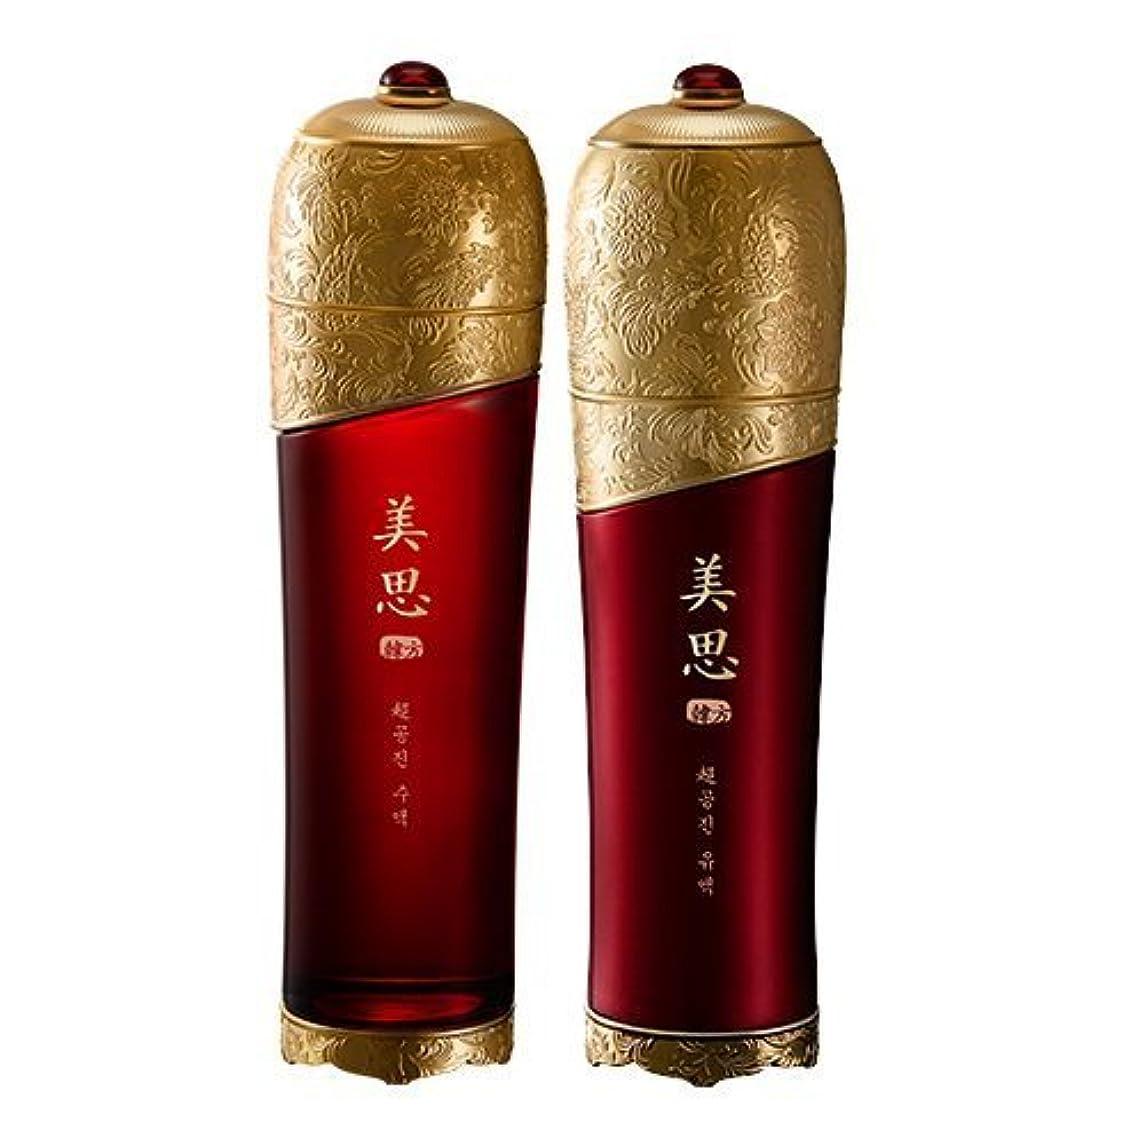 フィルタエスカレート一掃するMISSHA(ミシャ) 美思 韓方 チョゴンジン 基礎化粧品 スキンケア 化粧水+乳液=お得2種Set